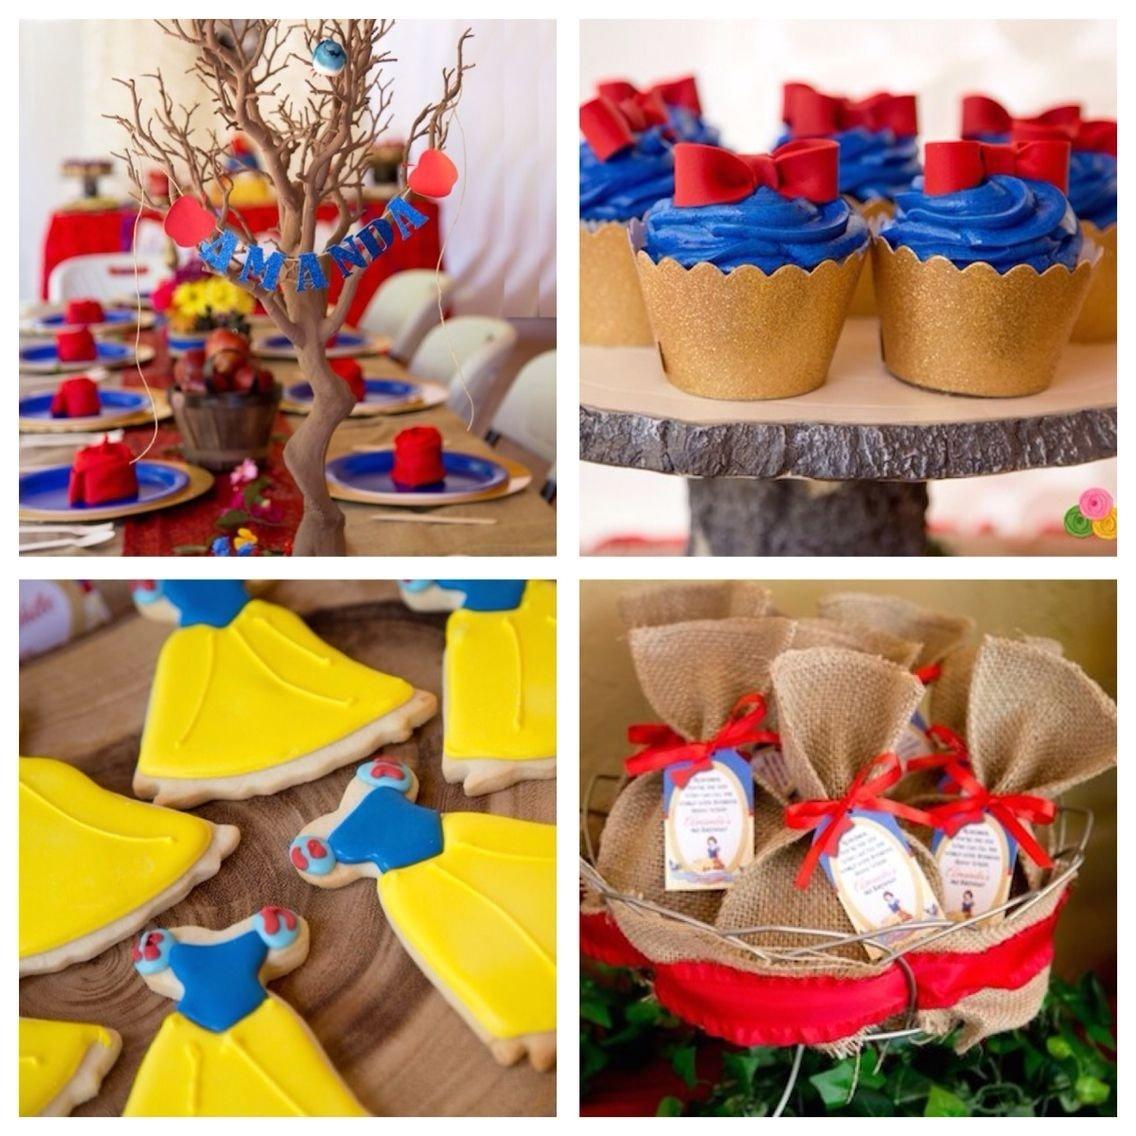 10 Fashionable Snow White Birthday Party Ideas rustic glam snow white birthday party princess party snow white